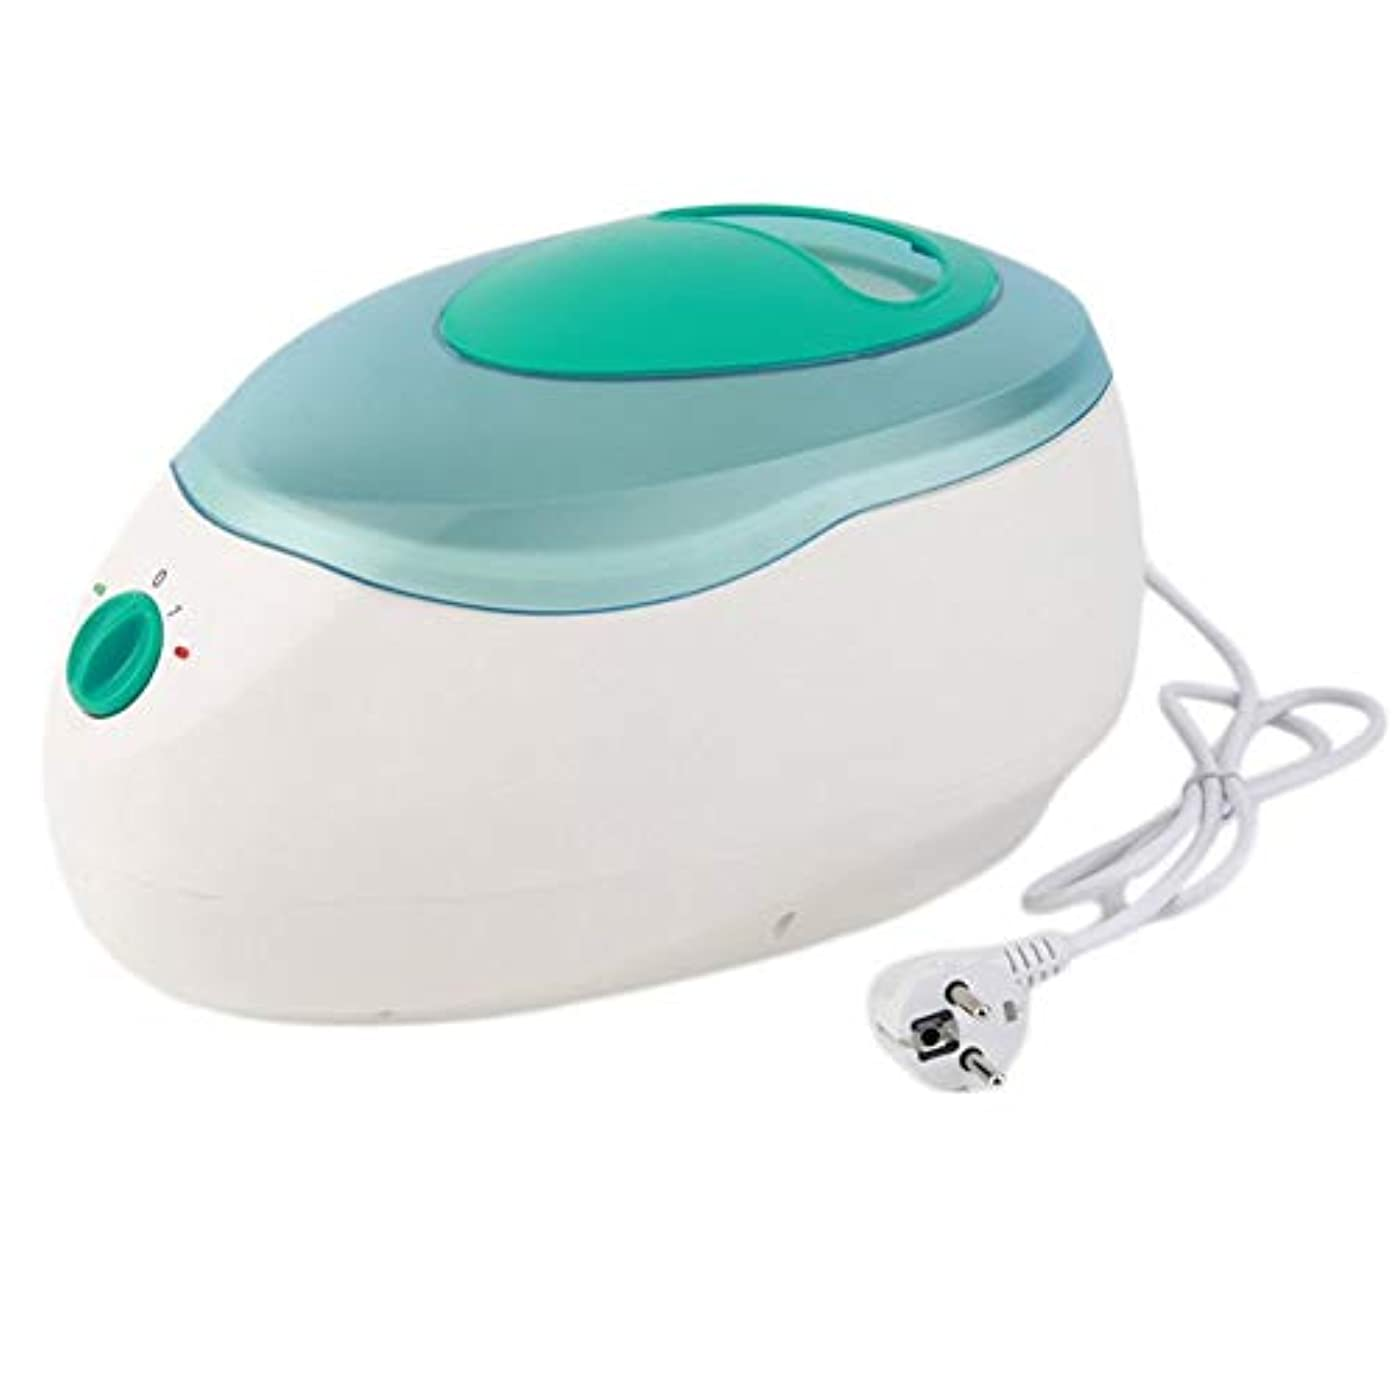 見通しインストラクターフリンジ手および足ボディワックスの毛の取り外しのためのワックス機械パラフィン療法の浴のワックスの鍋のウォーマーの美容院装置の鉱泉150W,グリーン